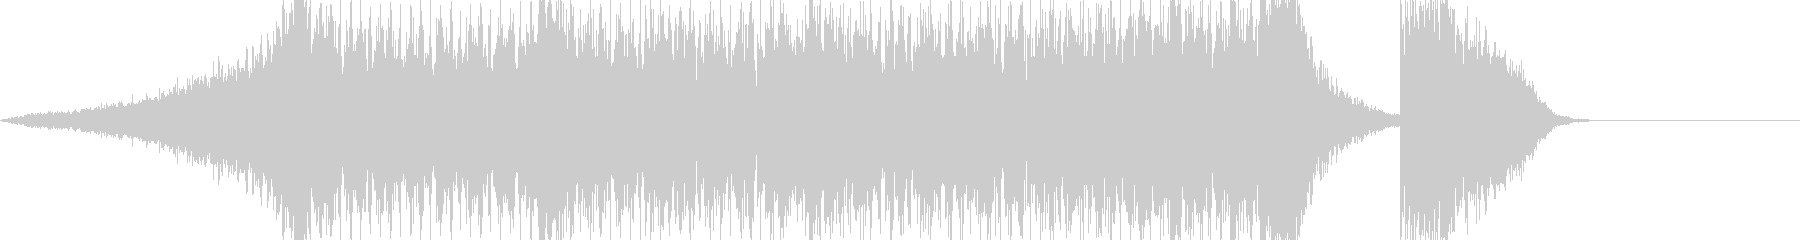 ハリウッド風トレイラー リズム主体04の未再生の波形